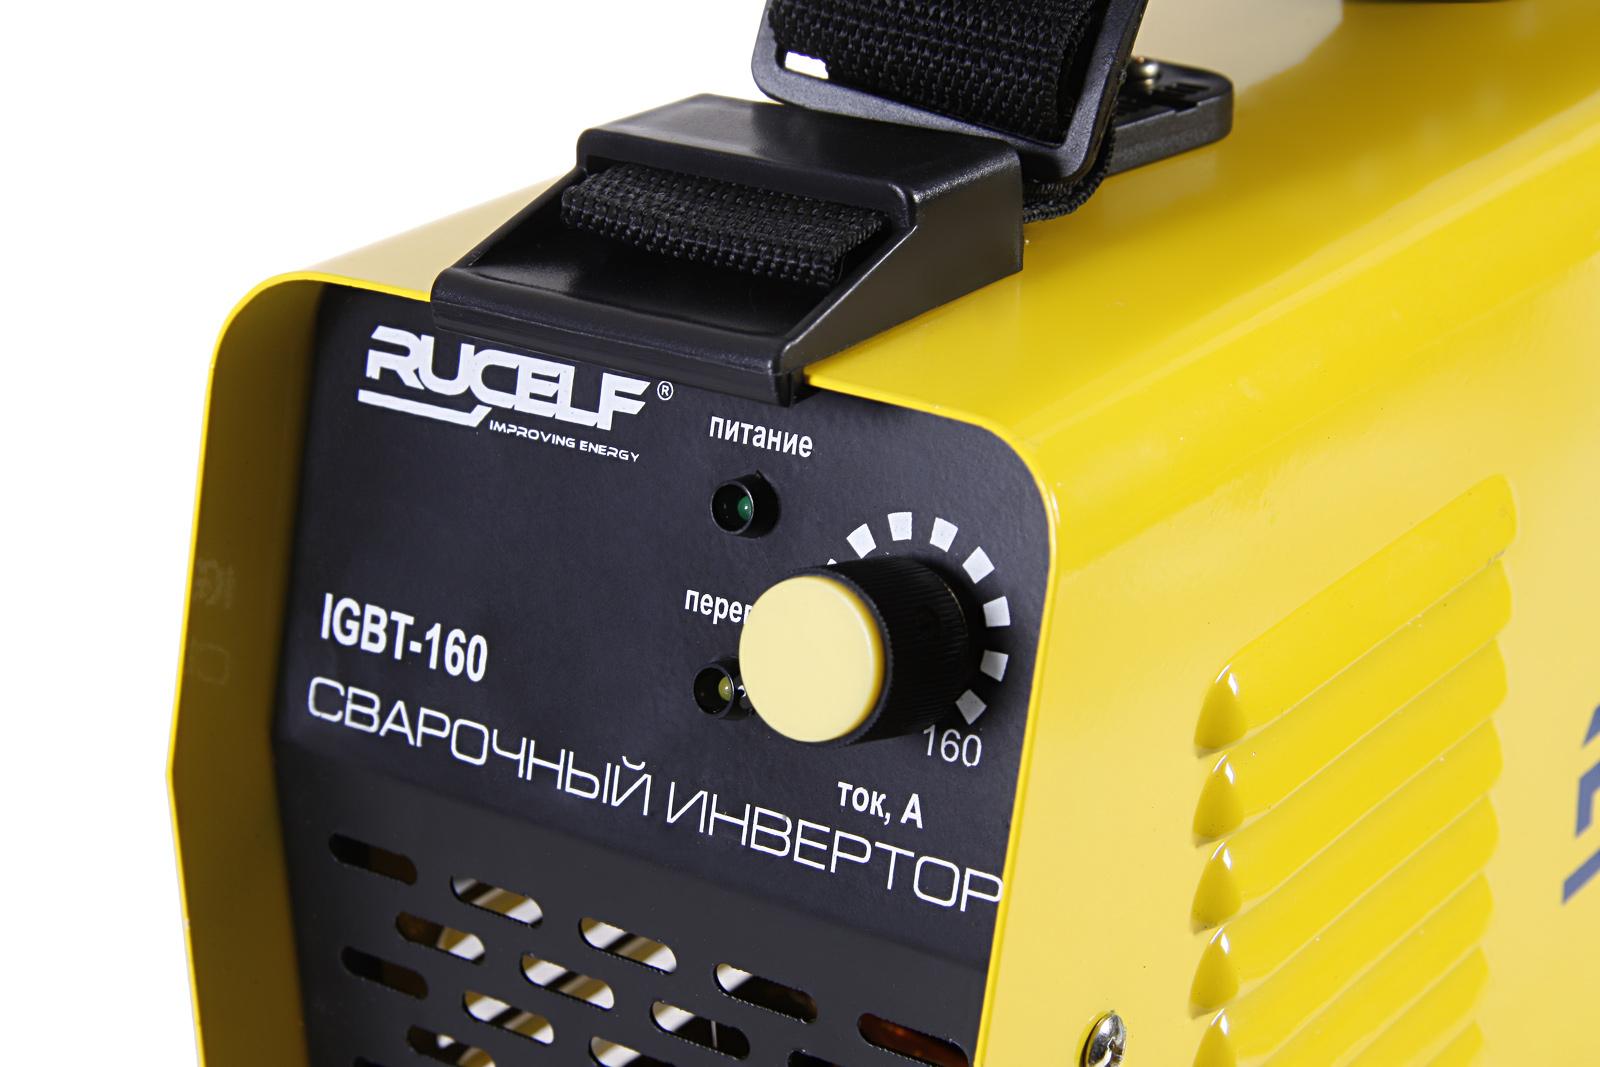 Сварочный инвертор Rucelf Igbt-160